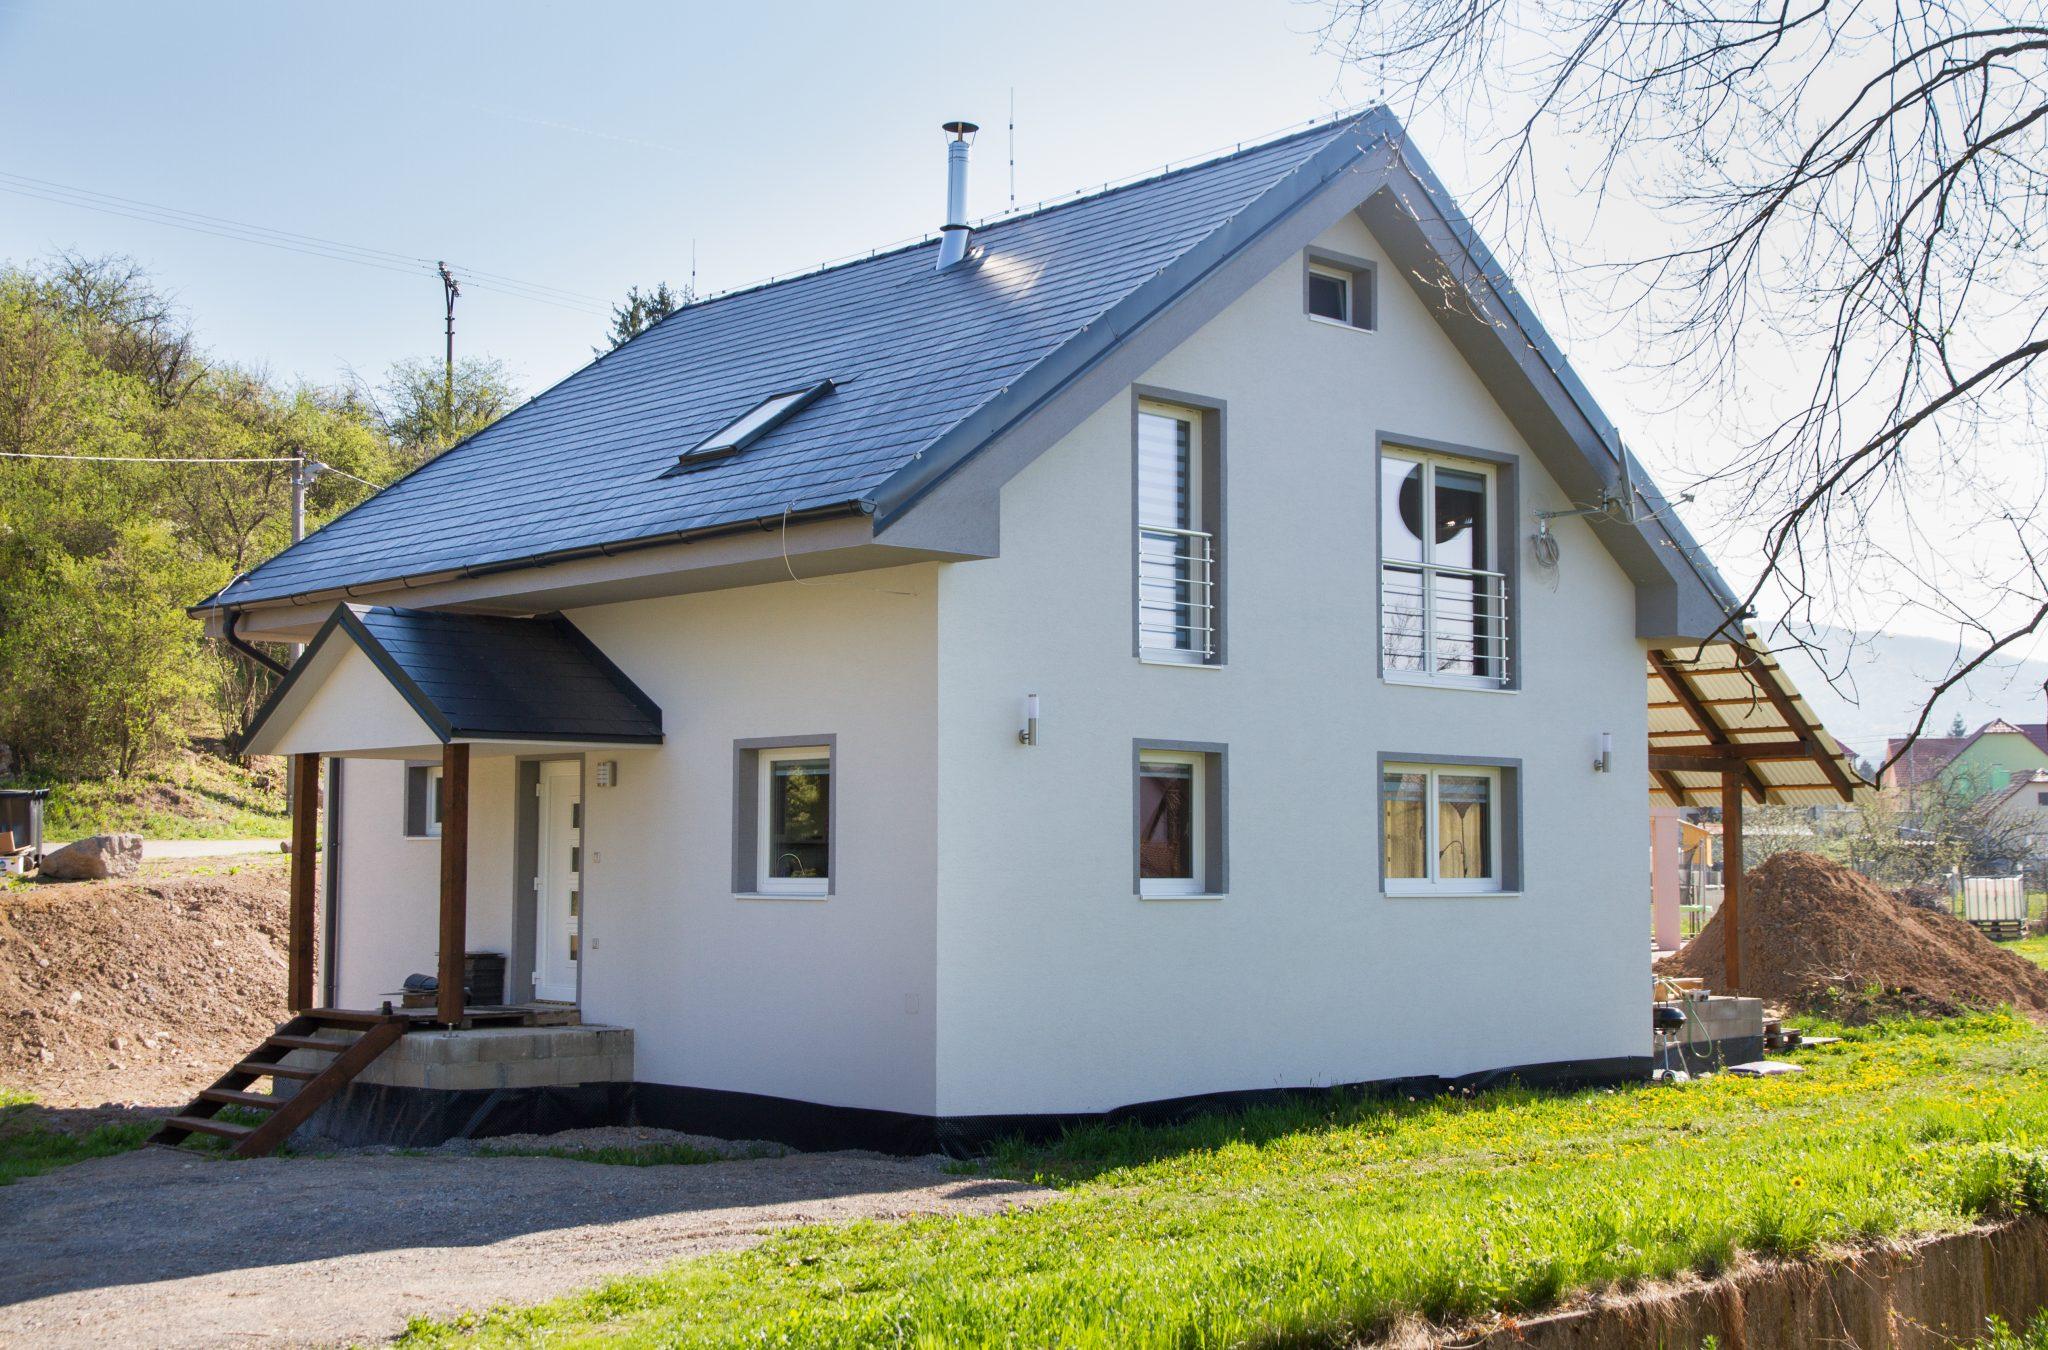 Dvojpodlažný nízkoenergetický dom - realizácia | woodhouse.sk